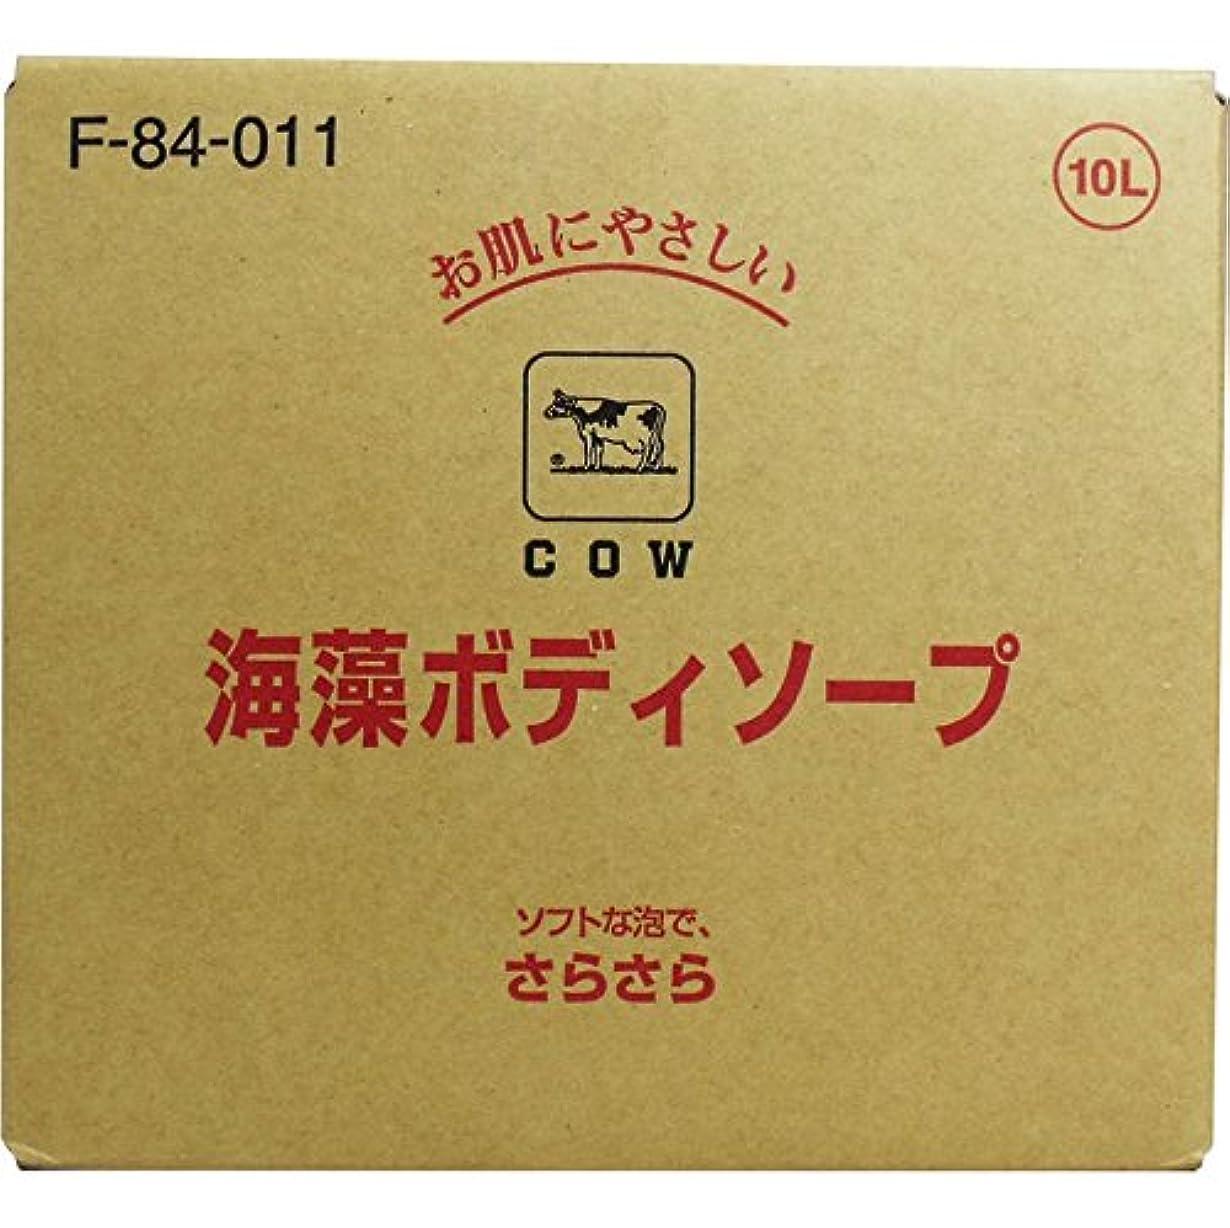 球状夕食を食べる羊ボディ 石けん詰め替え さらさらした洗い心地 便利商品 牛乳ブランド 海藻ボディソープ 業務用 10L